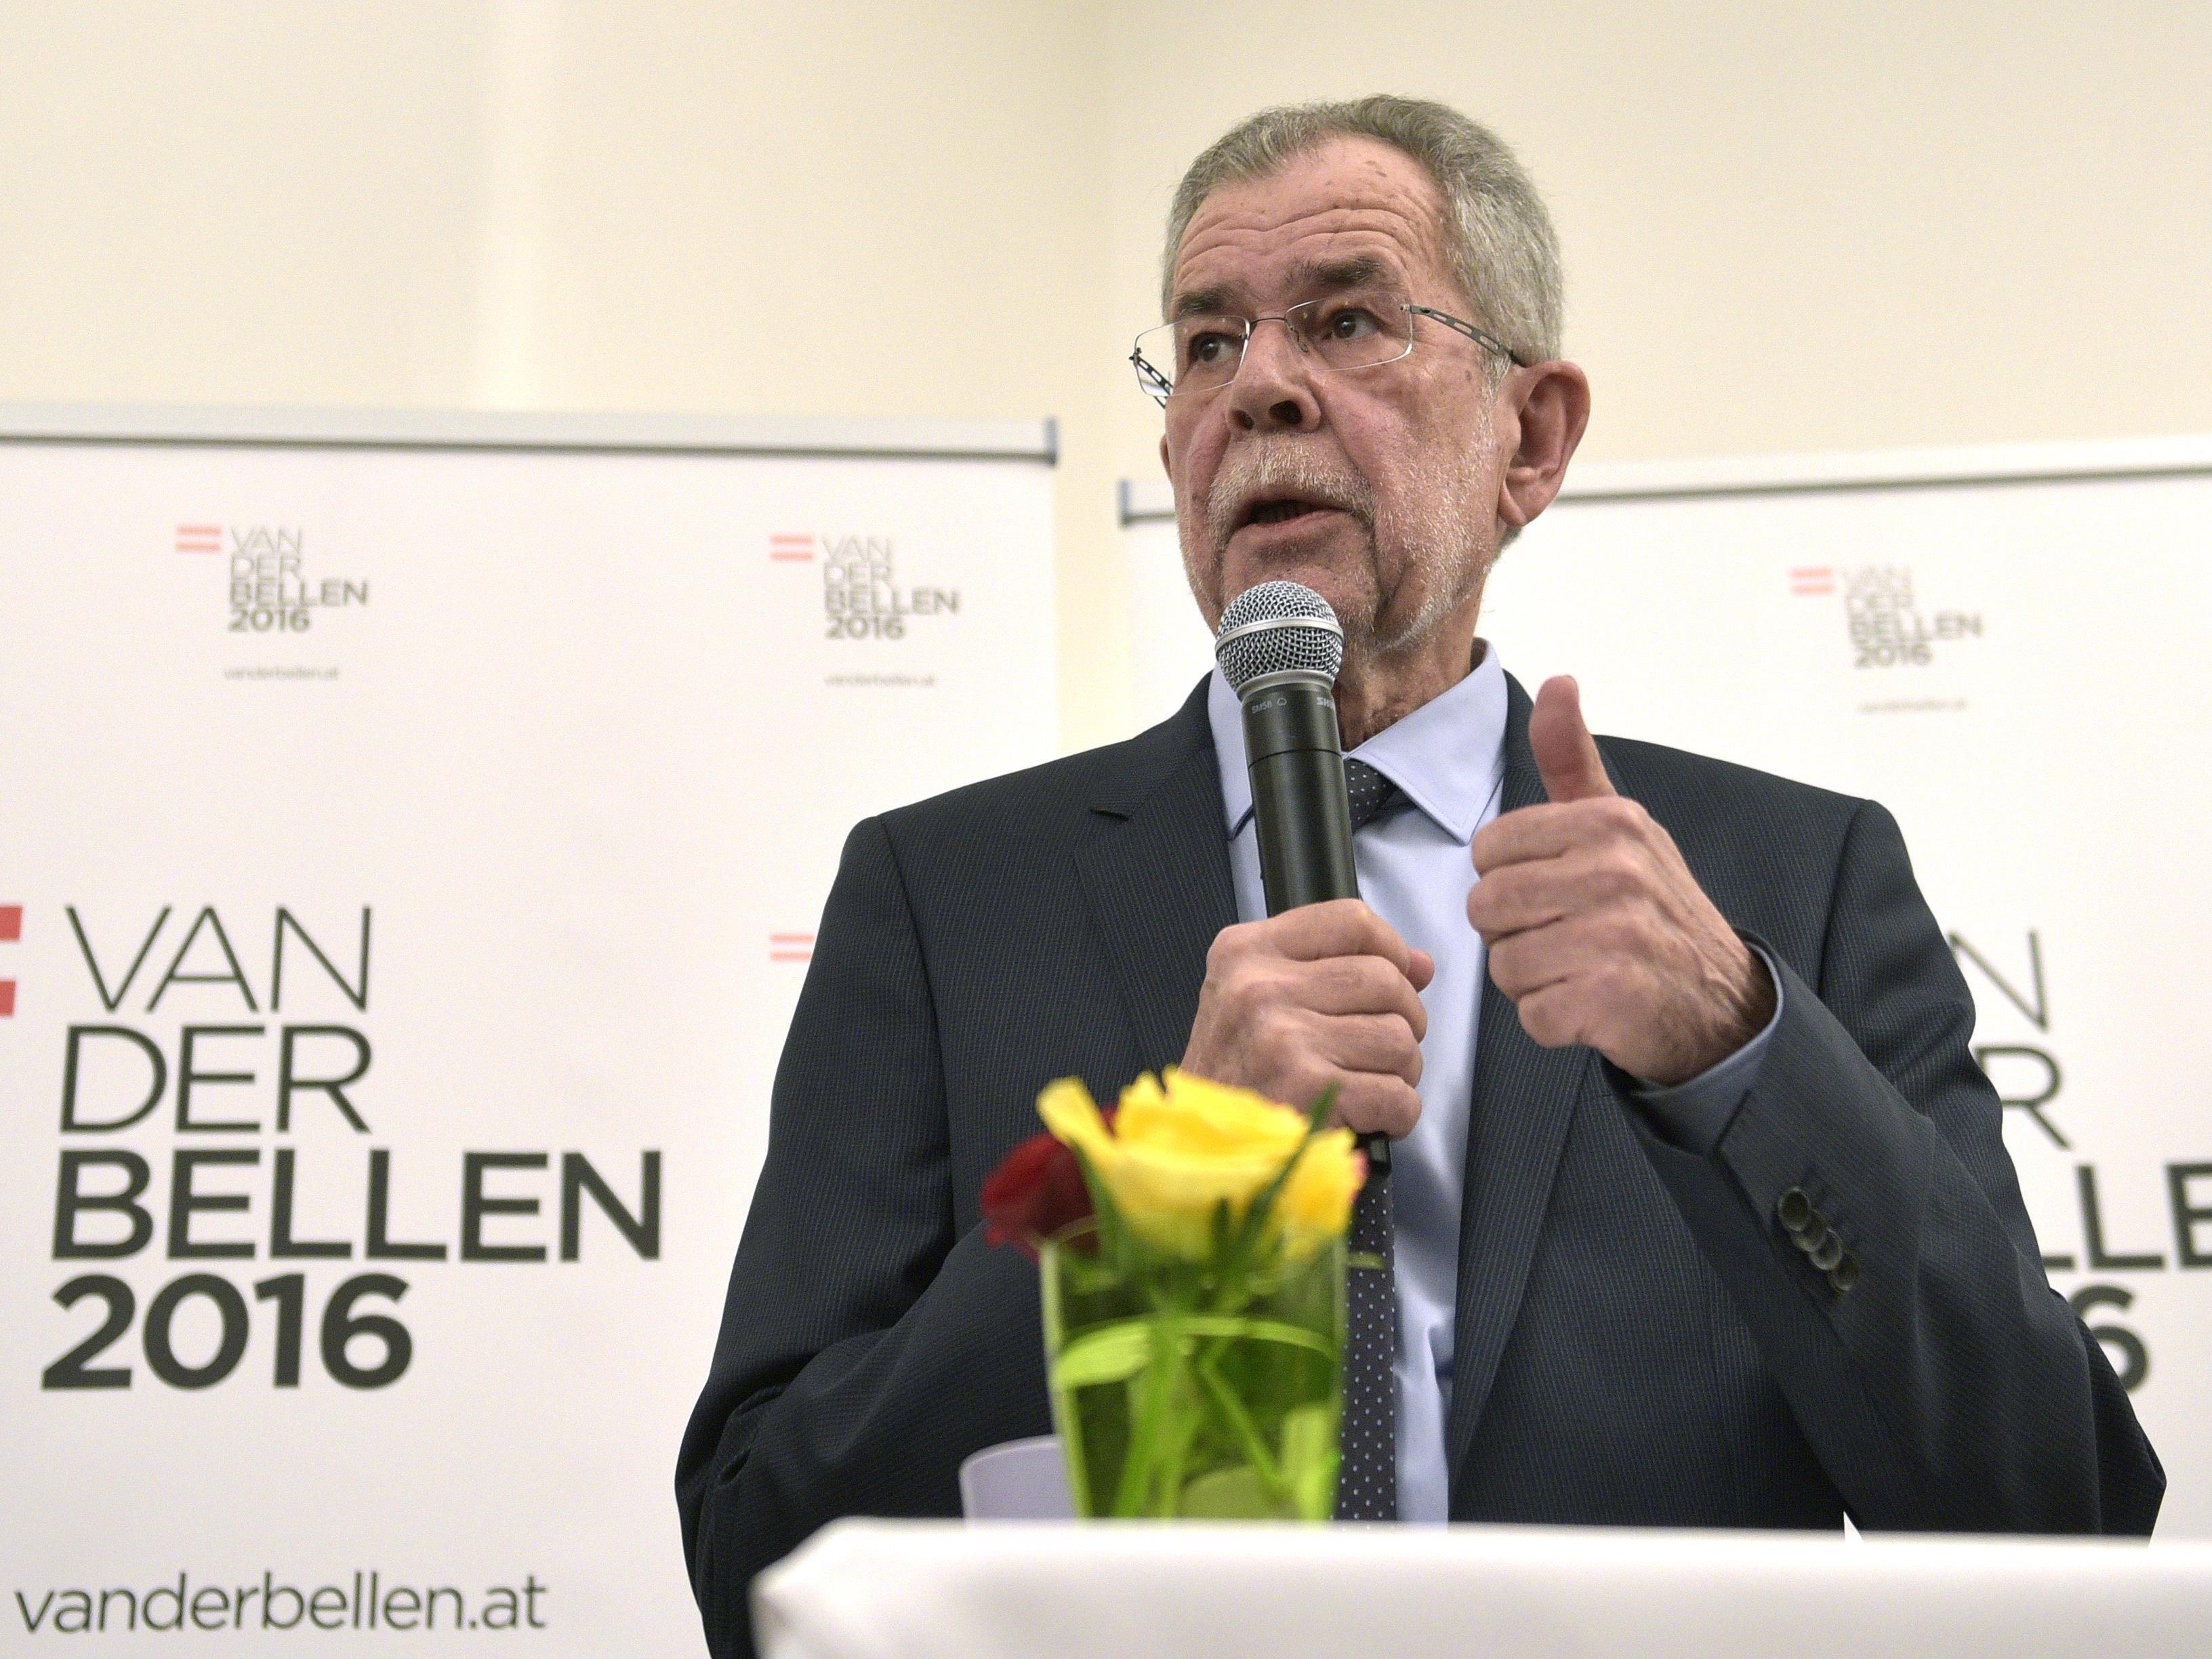 BP-Wahl - Van der Bellen sammelte bisher 14.493 Unterschriften